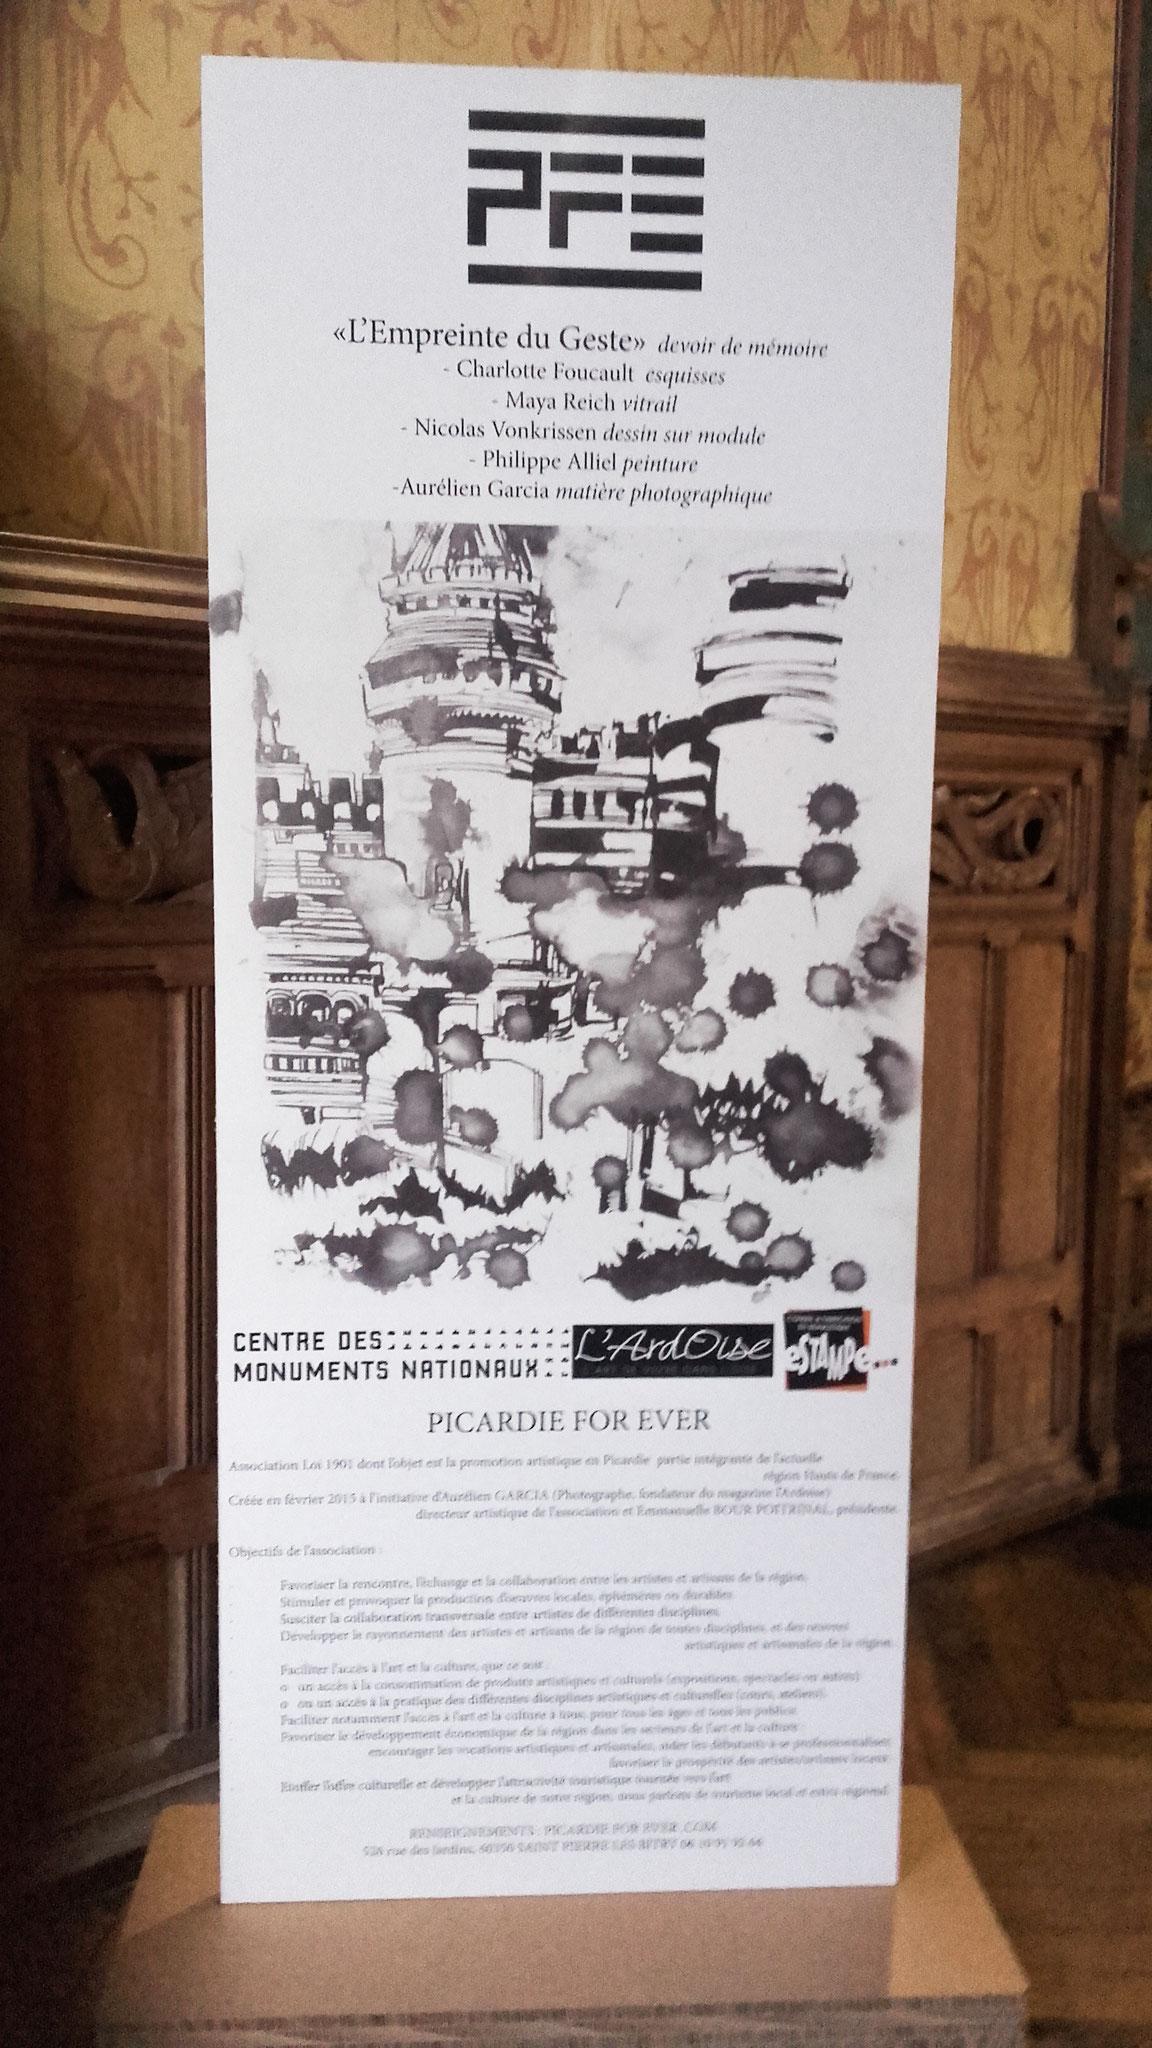 """Expo """"L'empeinte du geste"""", château de Pierrefonds, 2017/2018"""